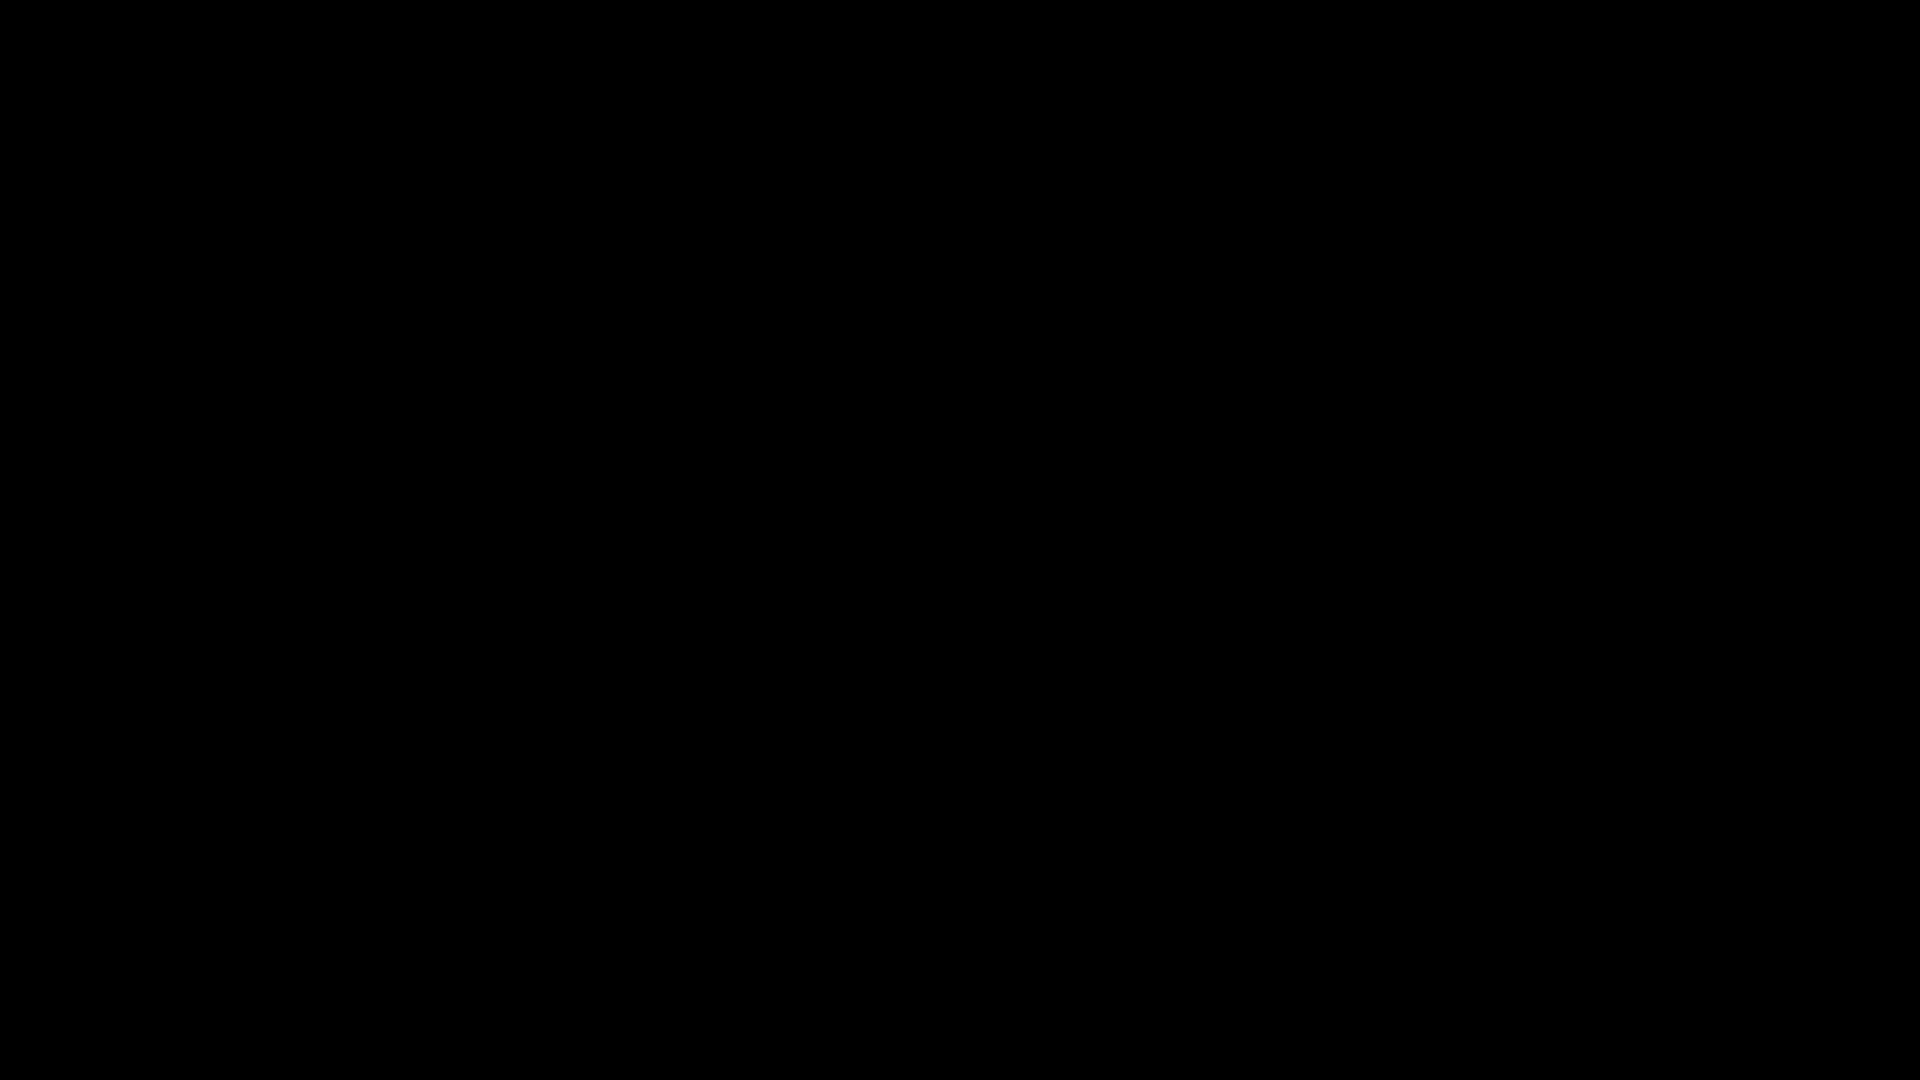 2017-07-27-2251-12 GIFs